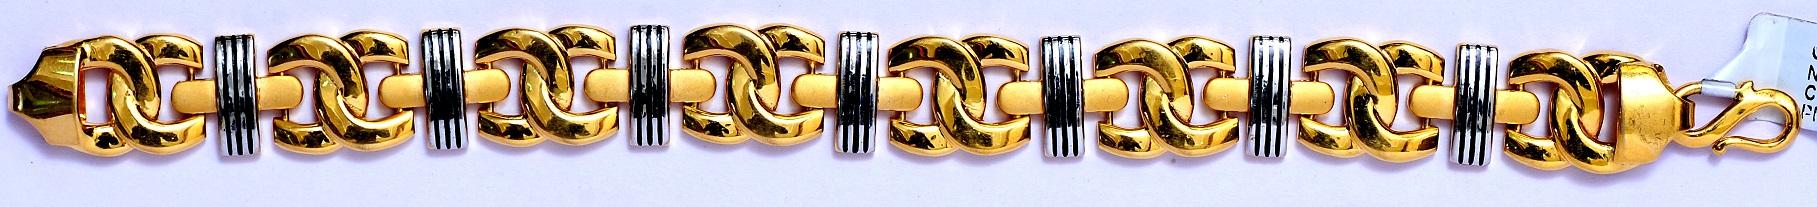 Gents Bracelet 7044-details